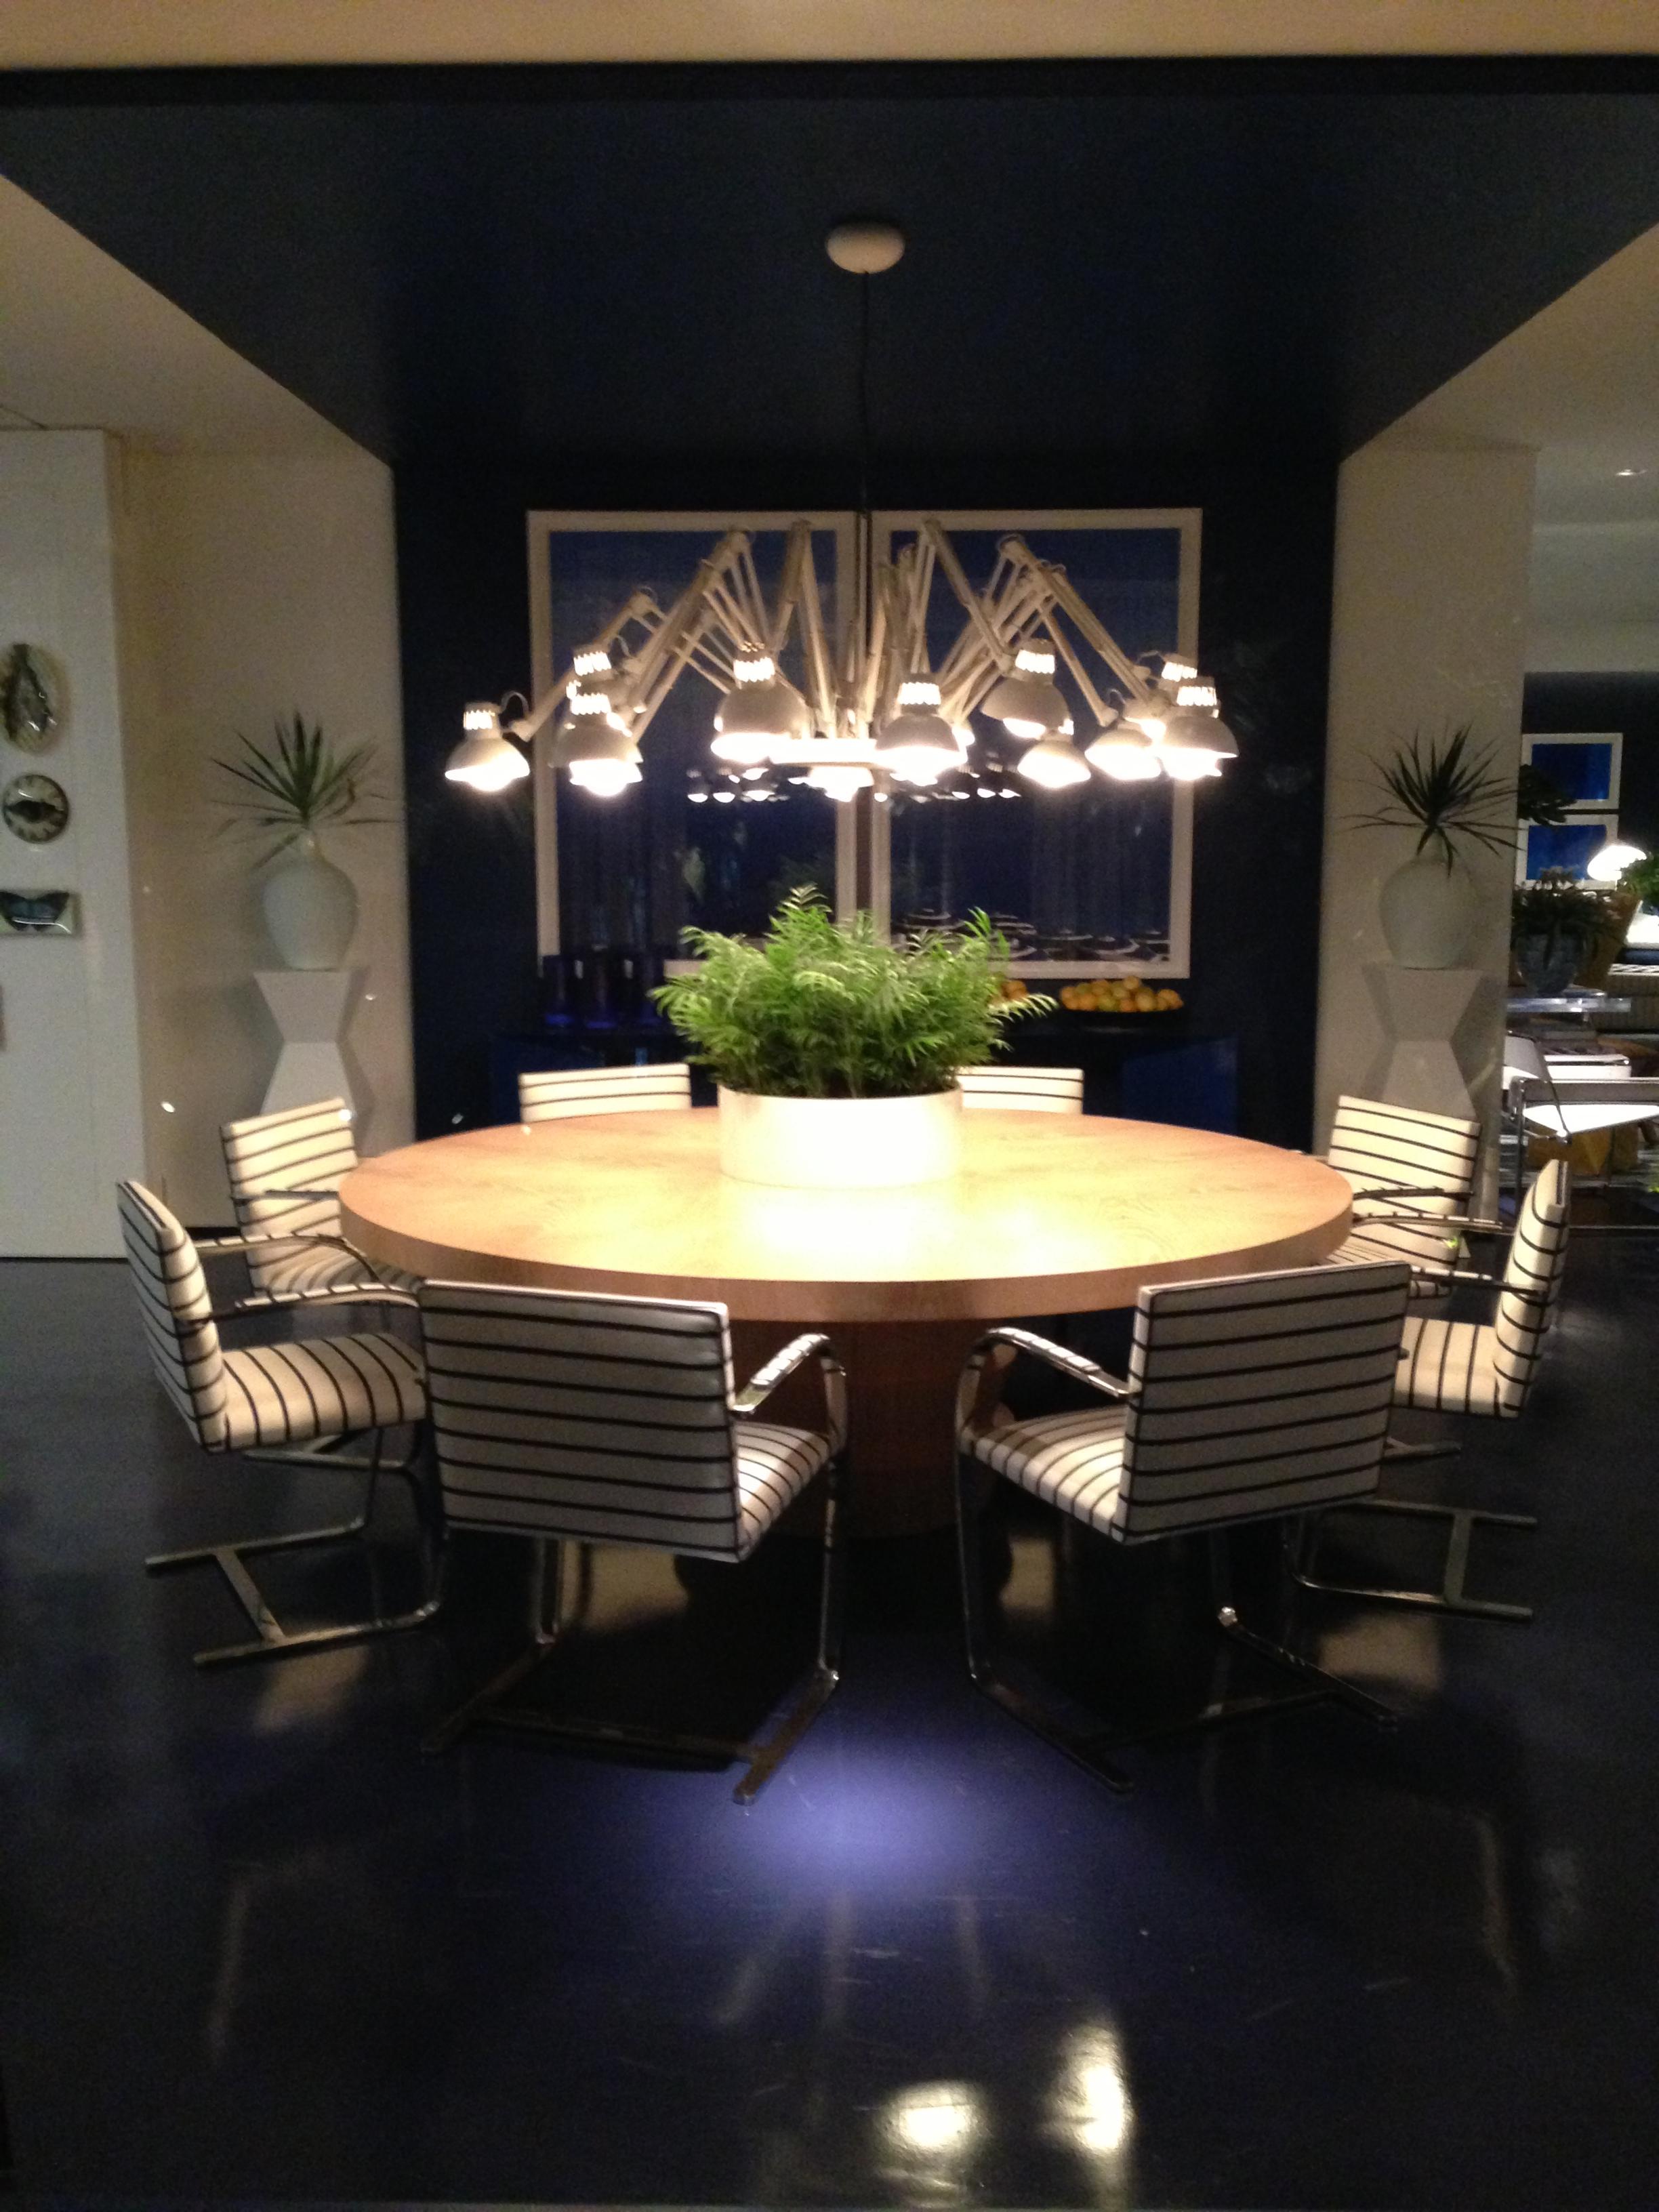 """Com o recurso de """"subir""""  o revestimento do piso à parede e teto delimita a sala de jantar. A mesa com cadeiras claras e o pendente com vários braços iluminam o ambiente."""